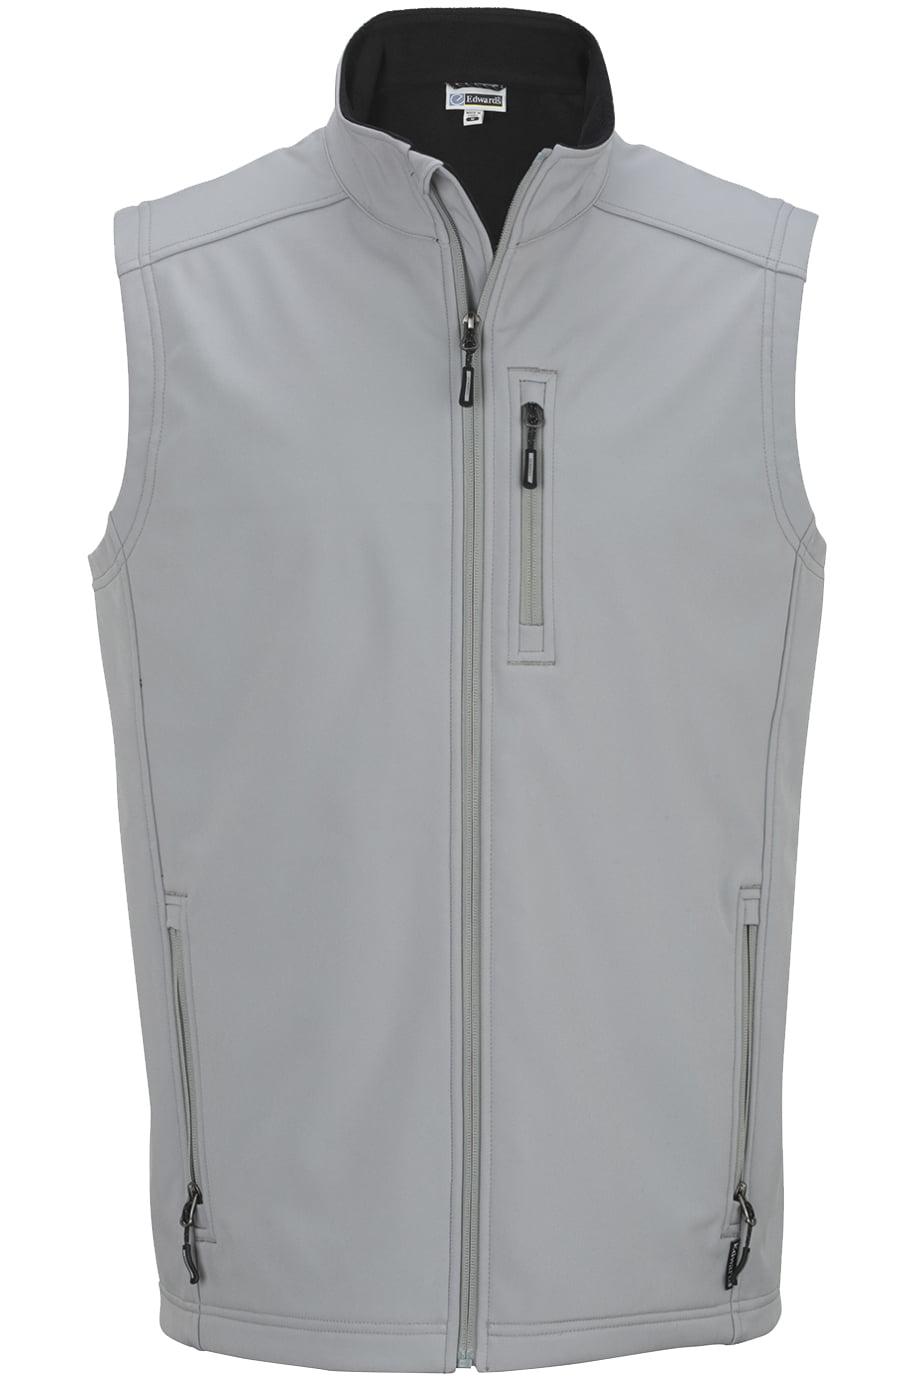 Shell vest